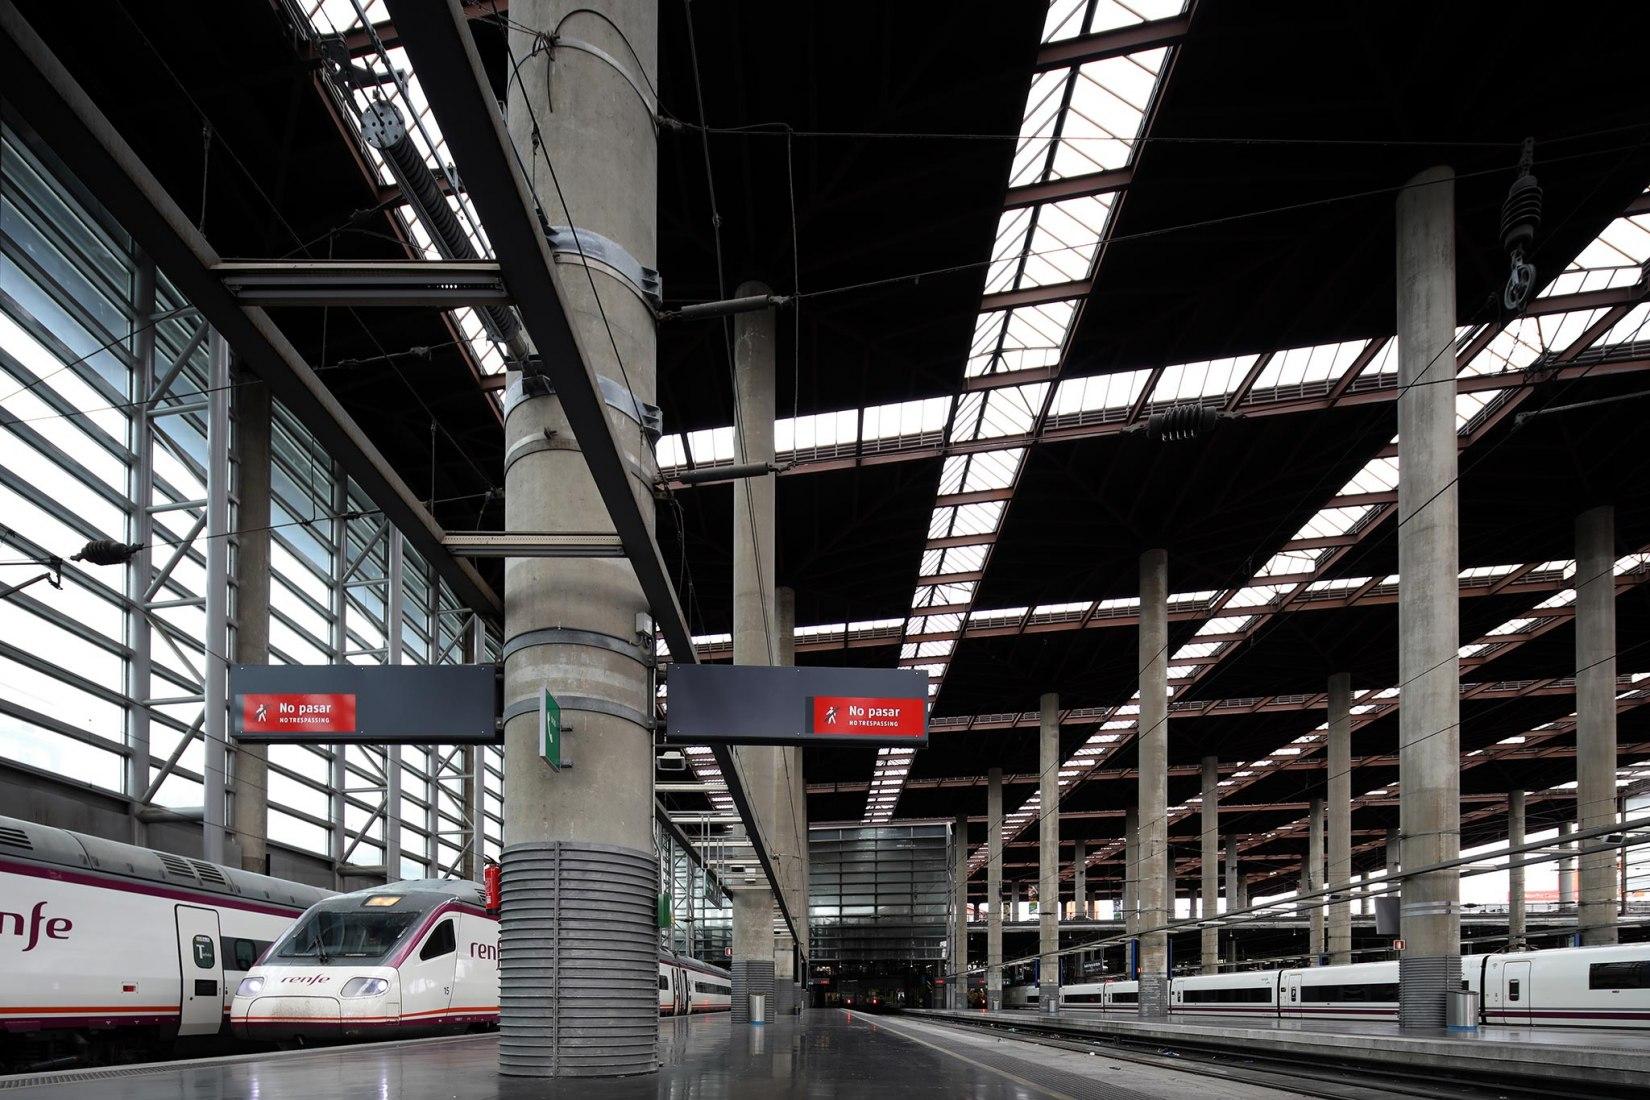 Madrid Estación de tren de Atocha, 1992, Madrid. Imagen cortesía de Praemium Imperiale